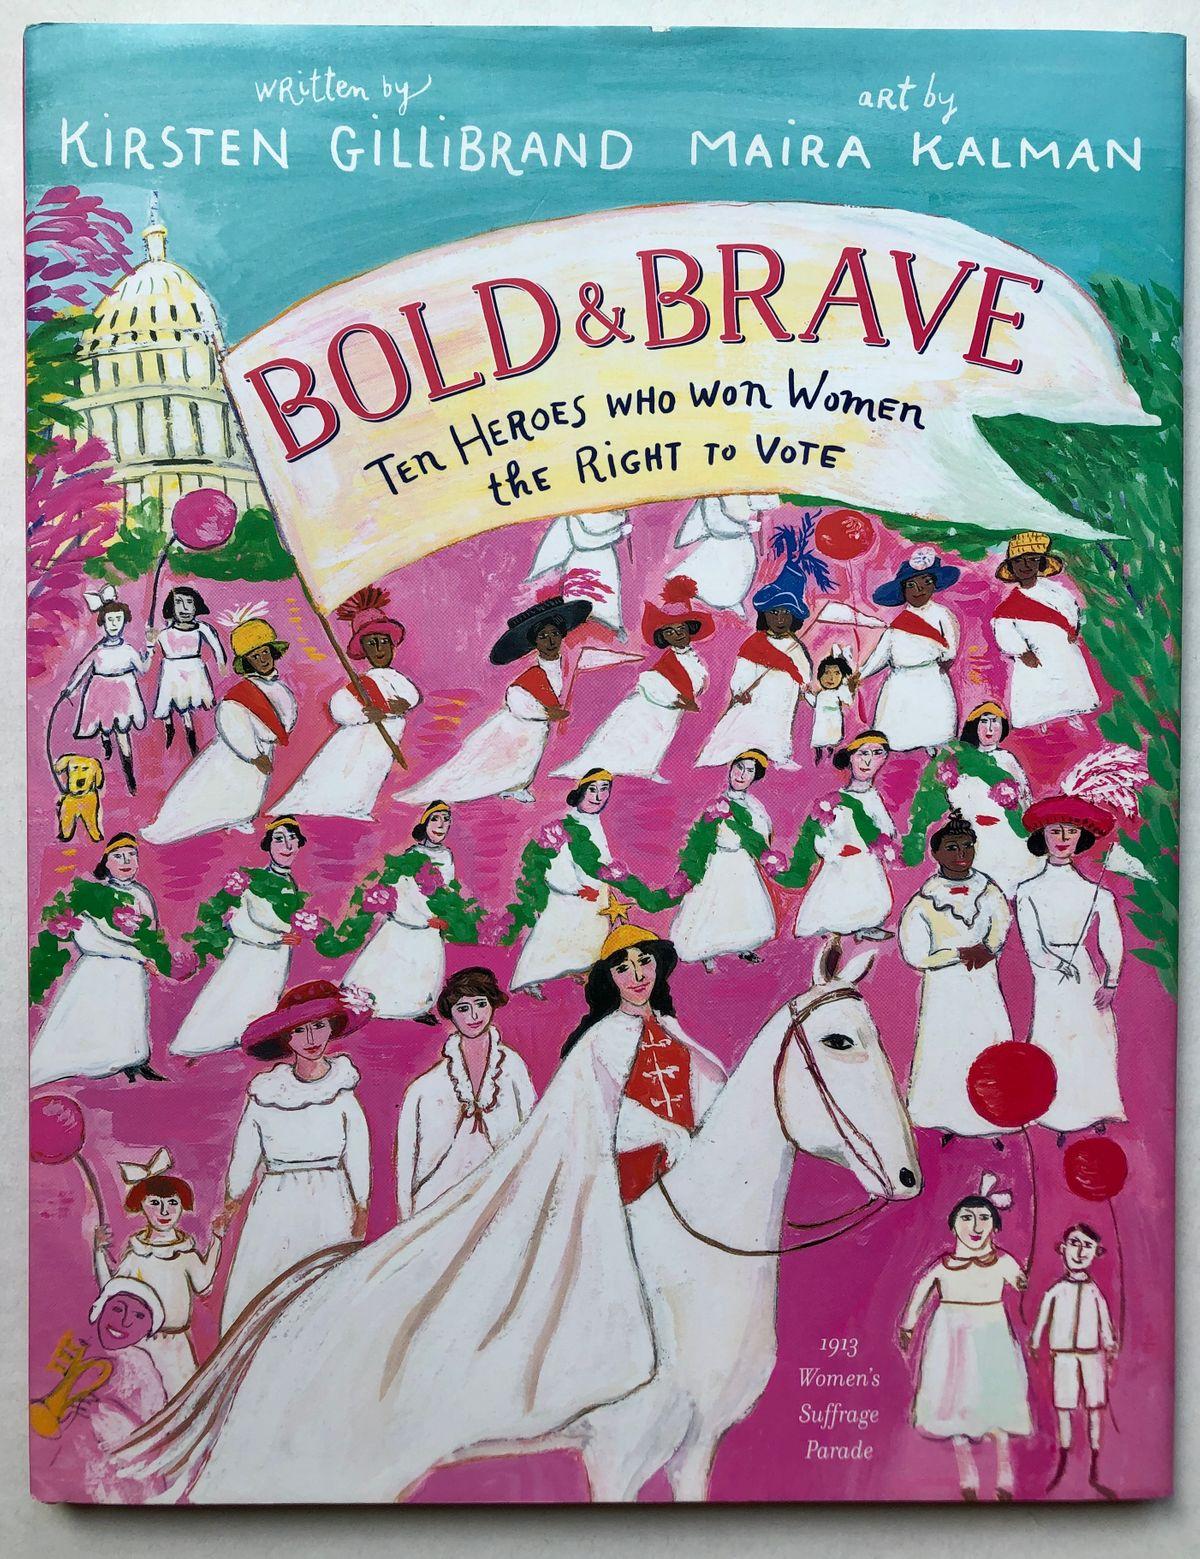 BoldBrave.jpg